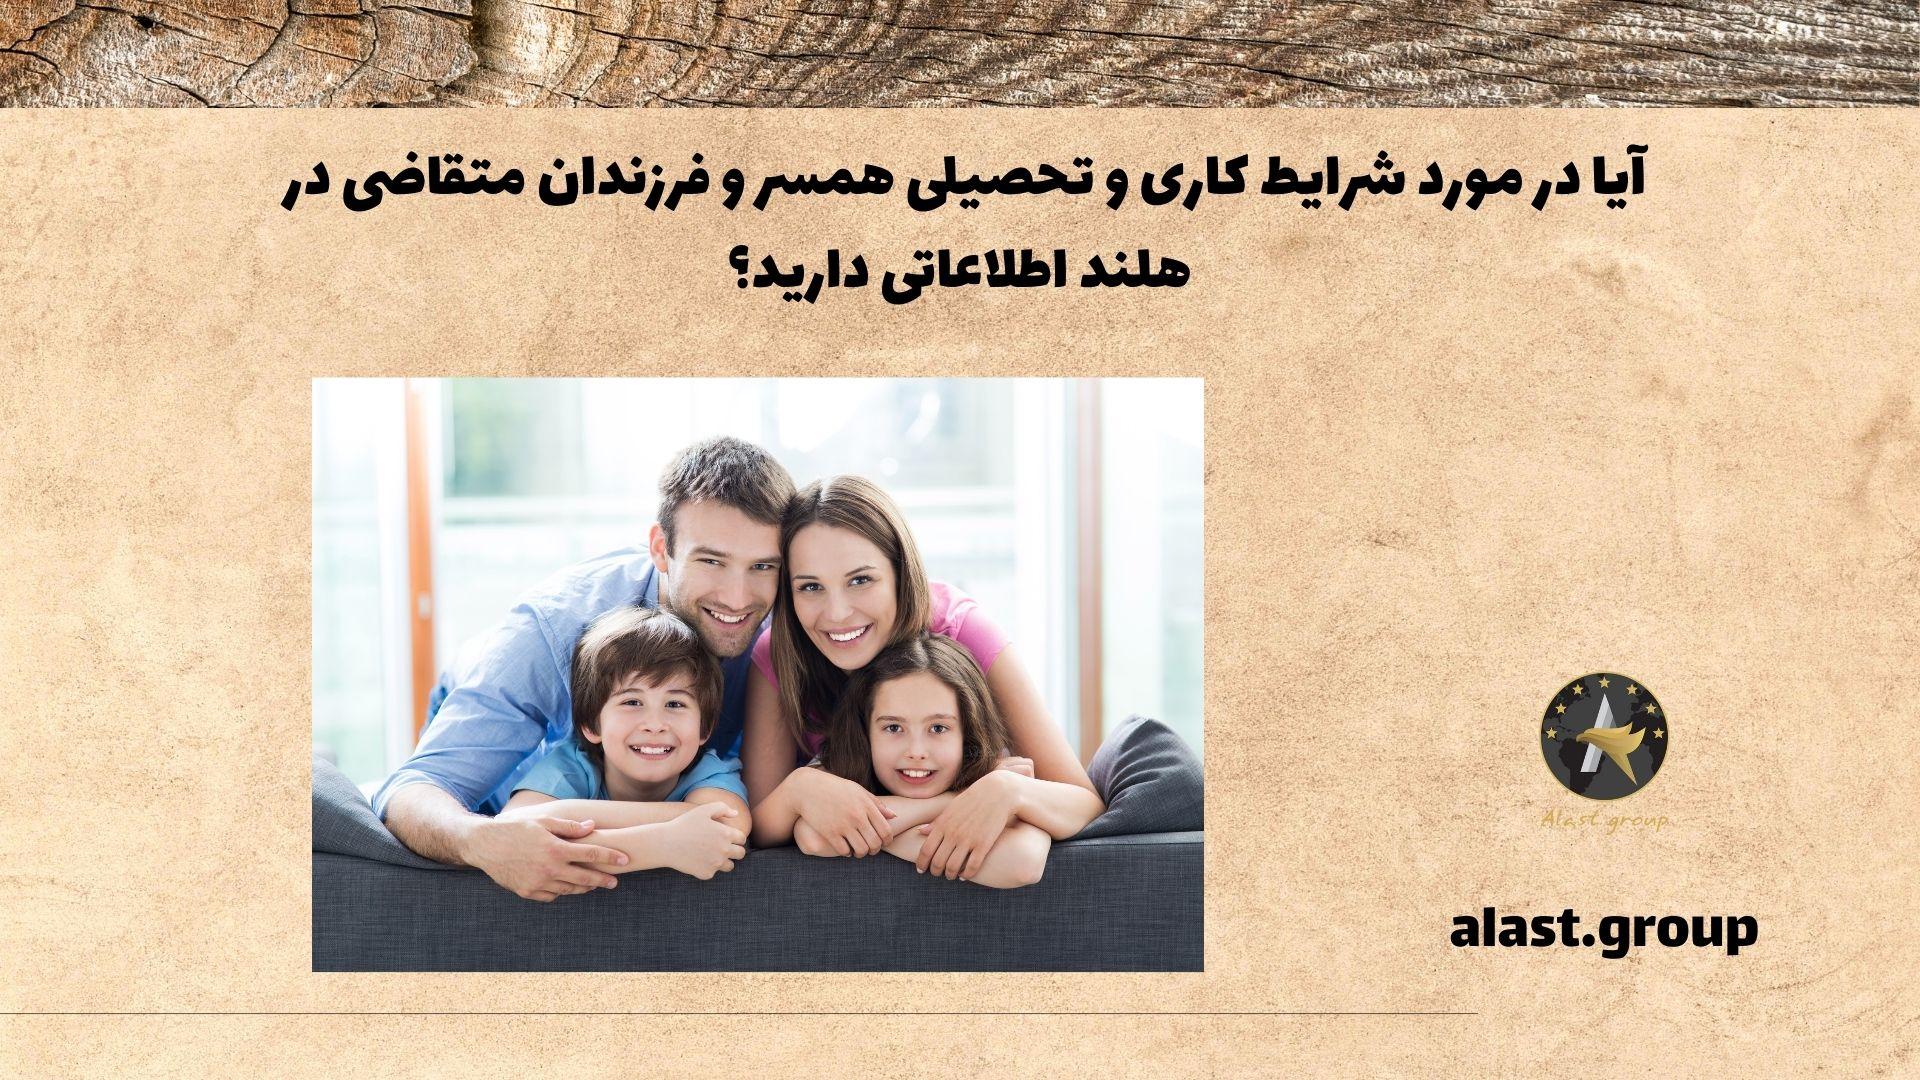 آیا در مورد شرایط کاری و تحصیلی همسر و فرزندان متقاضی در هلند اطلاعاتی دارید؟